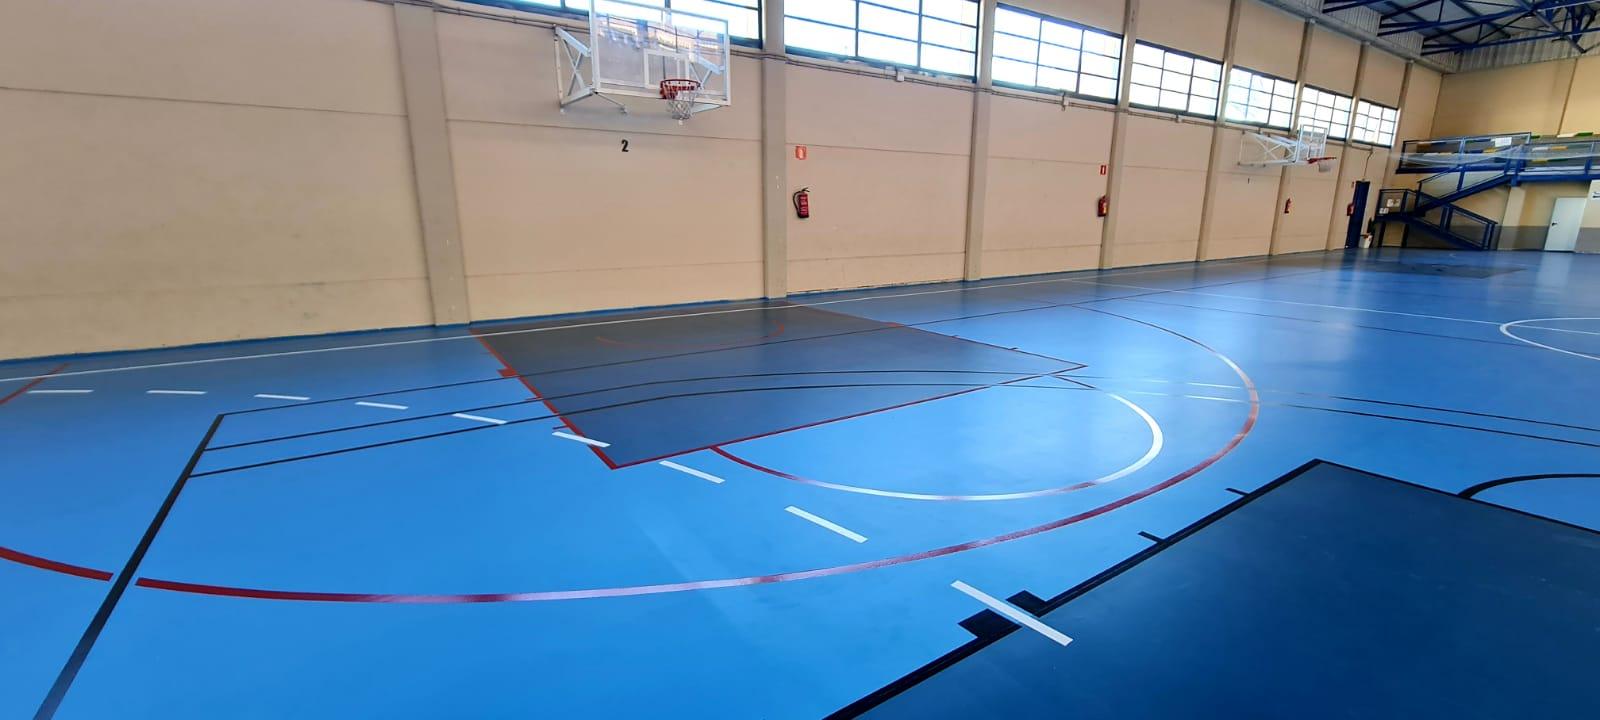 El Ayuntamiento de Elda renueva la pista del Pabellón Azul para mejorar la calidad de la superficie de juego